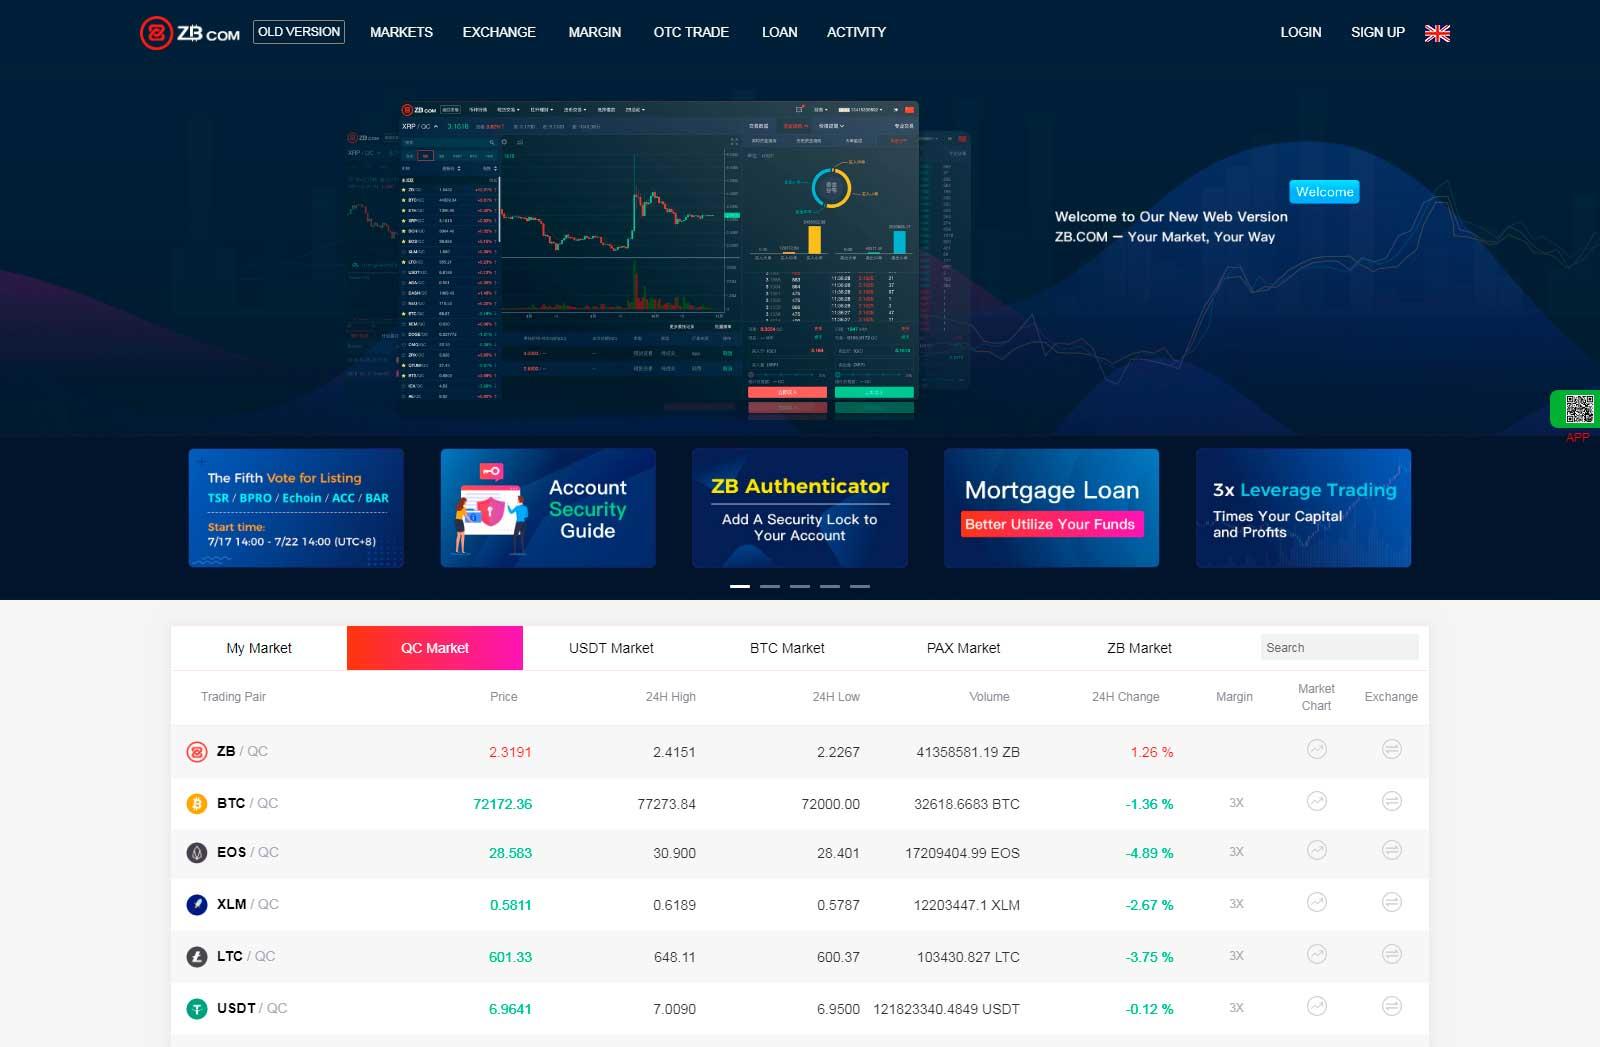 zb биржа официальный сайт